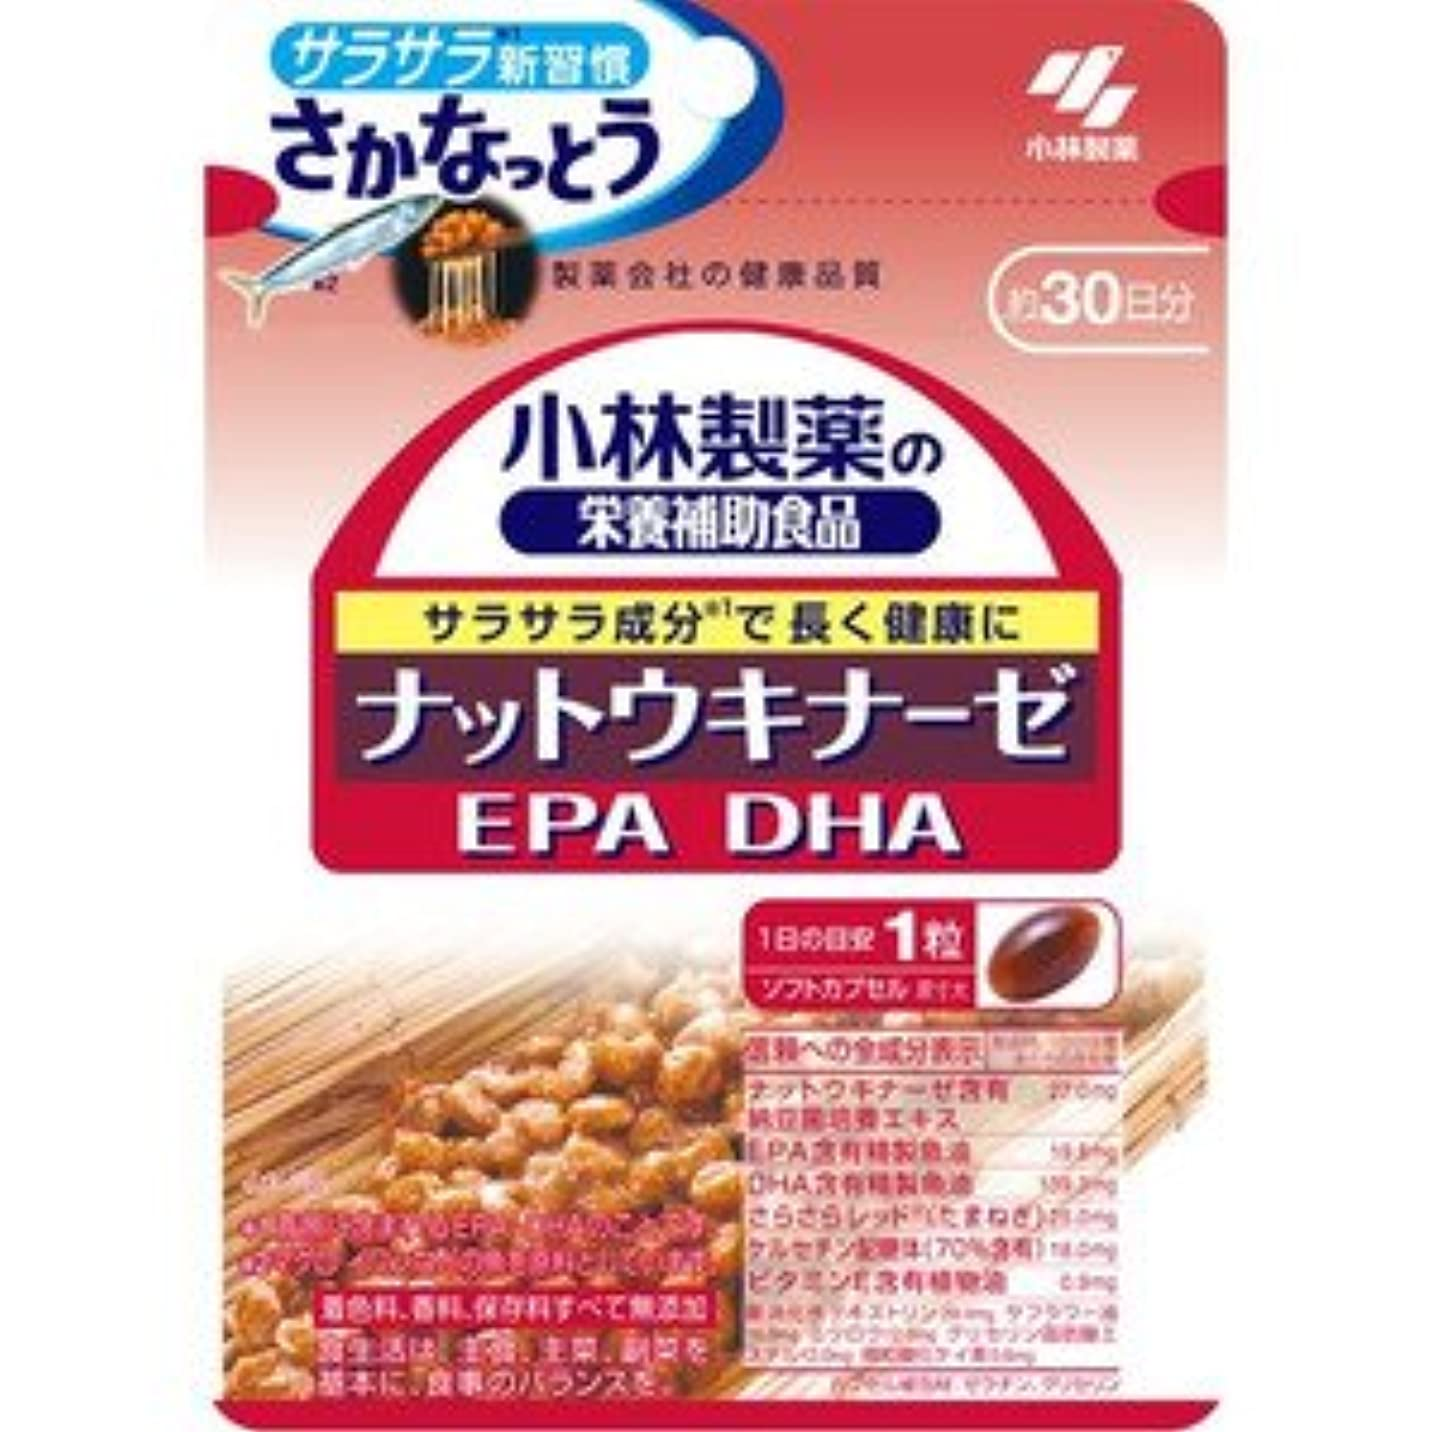 花婿リブミリメーター【小林製薬】ナットウキナーゼ (EPA/DHA) 30粒(お買い得3個セット)